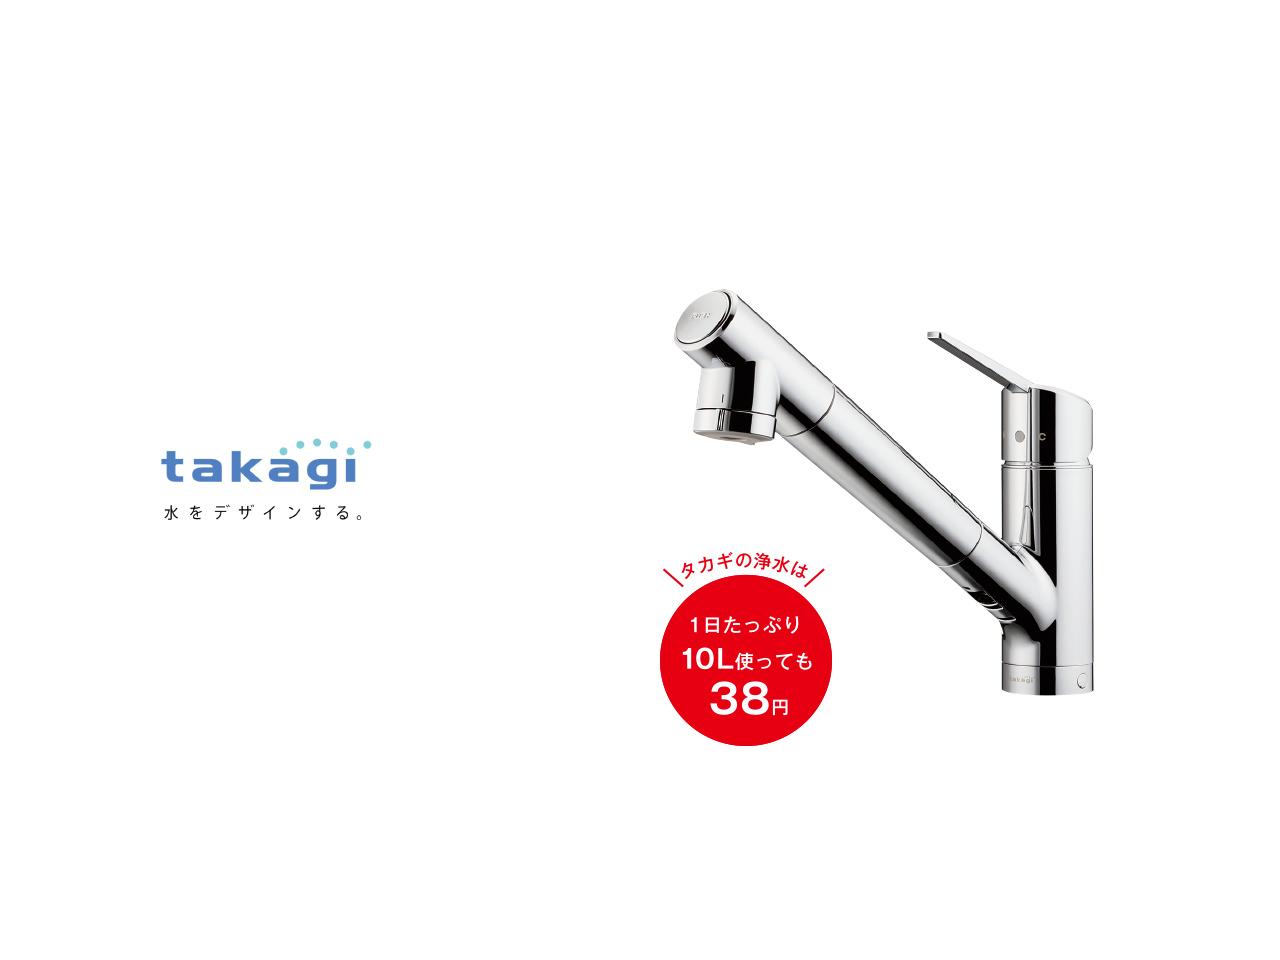 画像:takagi 蛇口一体型浄水器